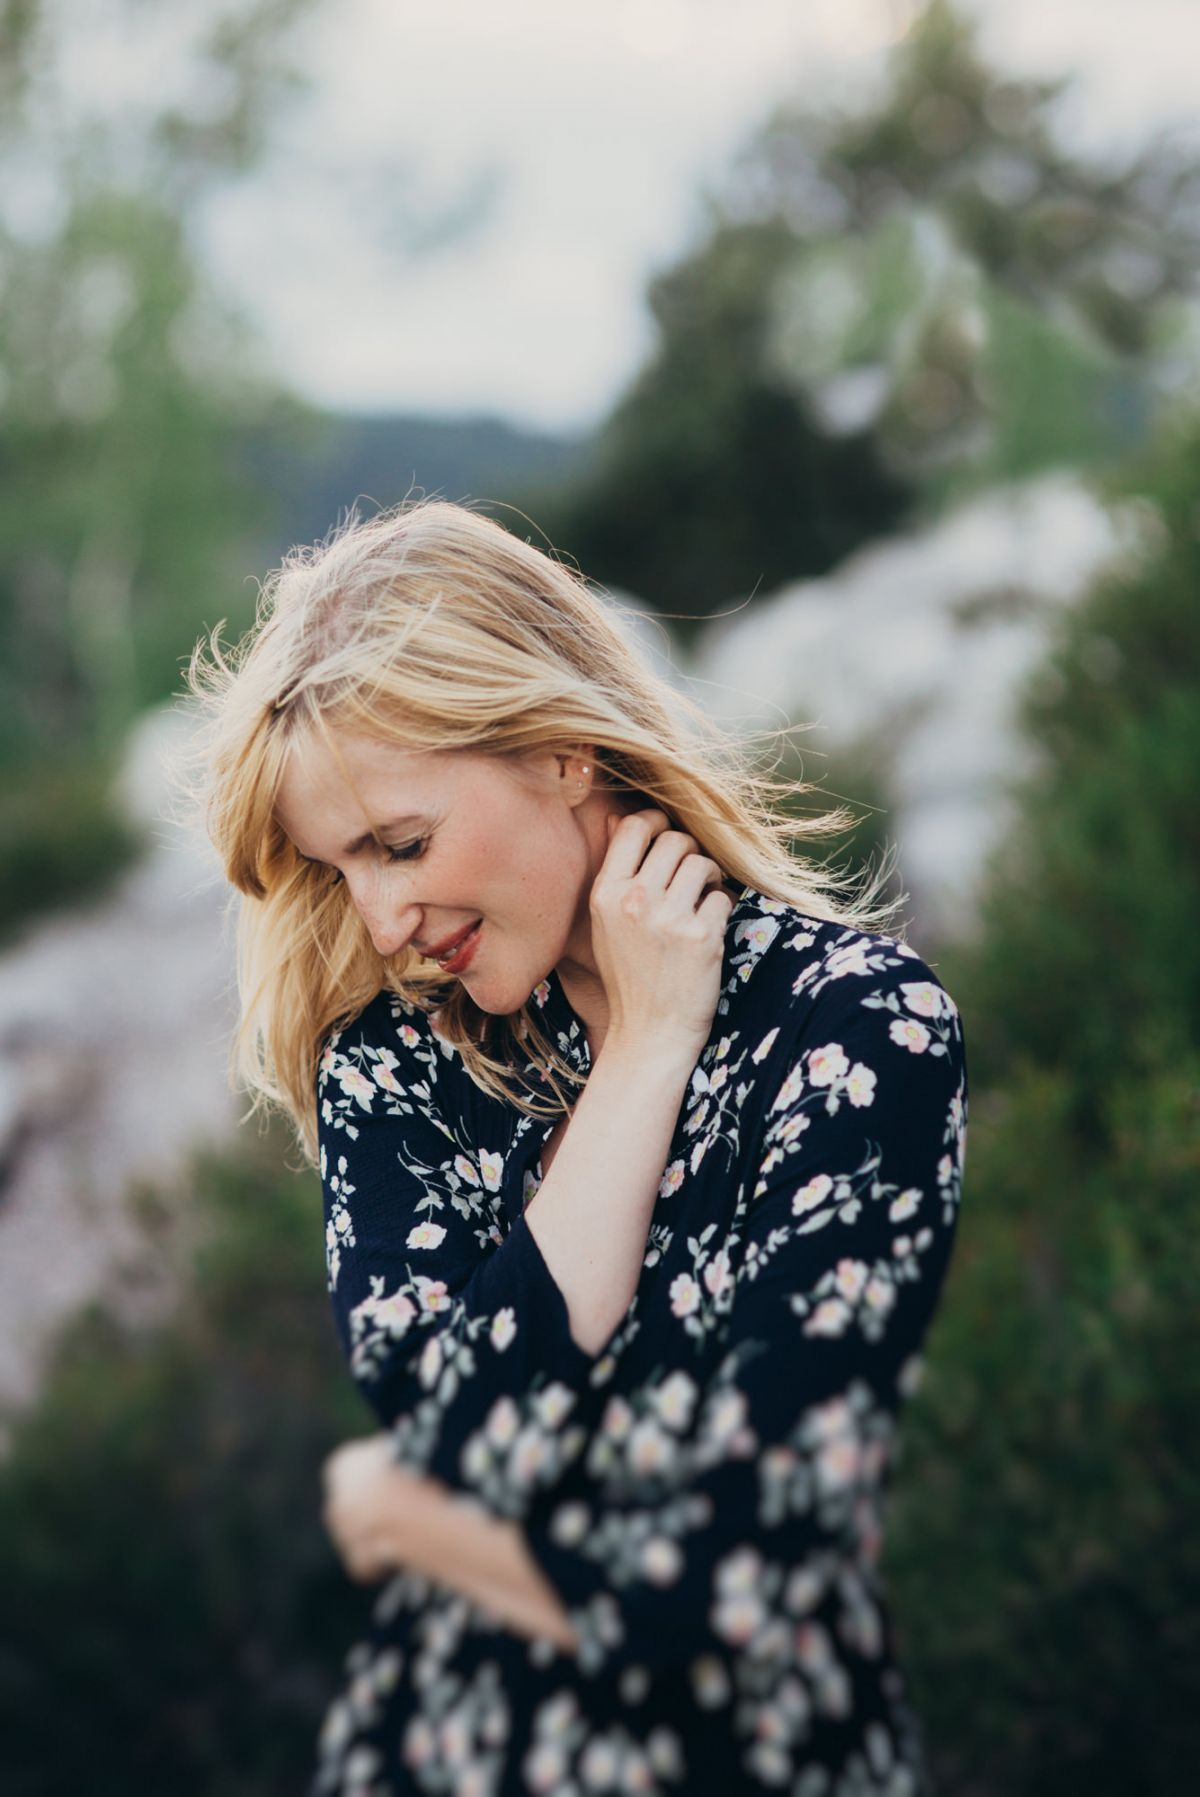 Fotomodel Portrait im Blumenkleid